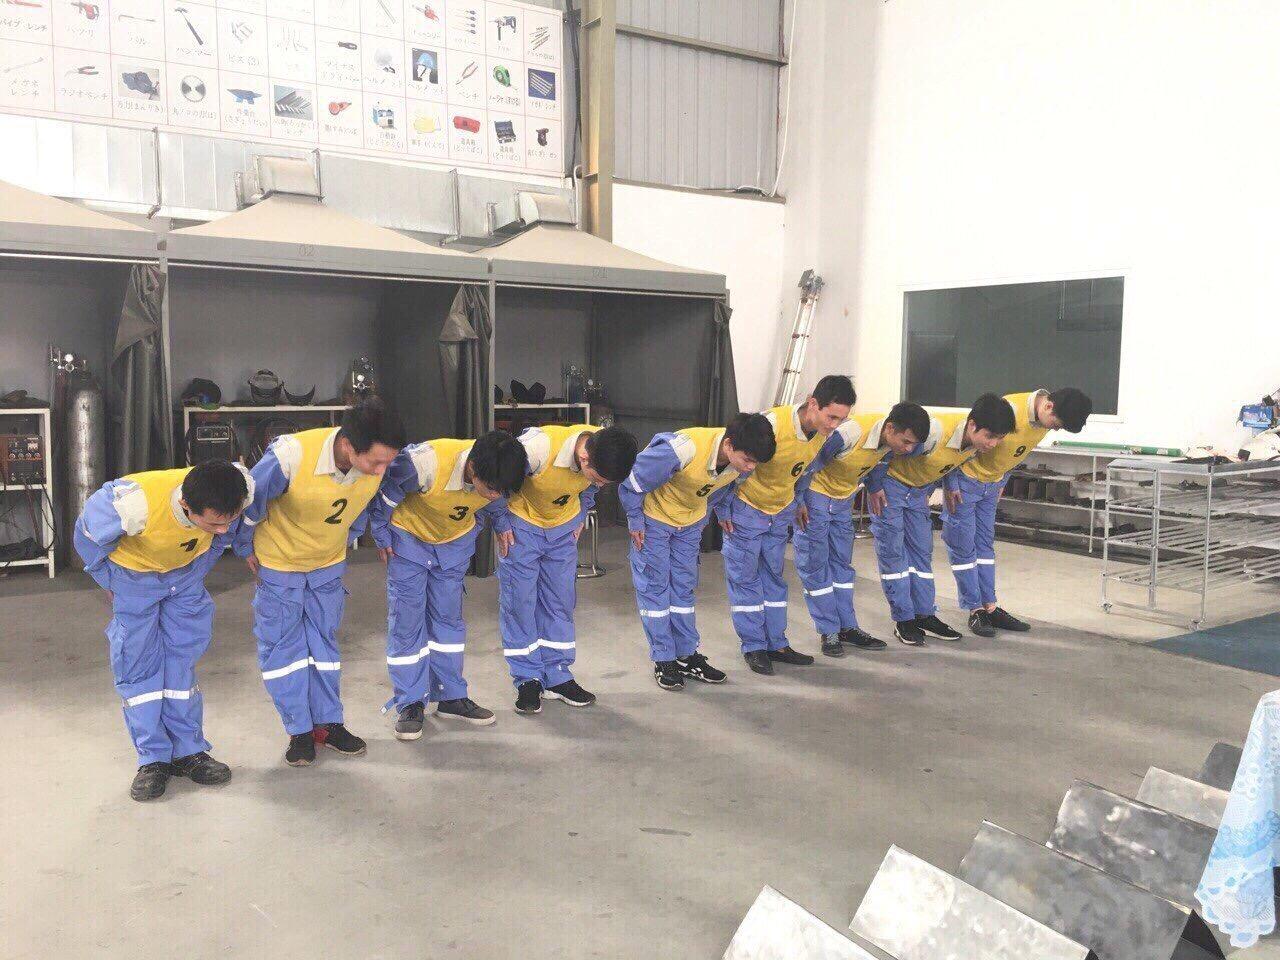 5 điểm đáng chú ý về visa kỹ năng đặc định tokutei ngành xây dựng